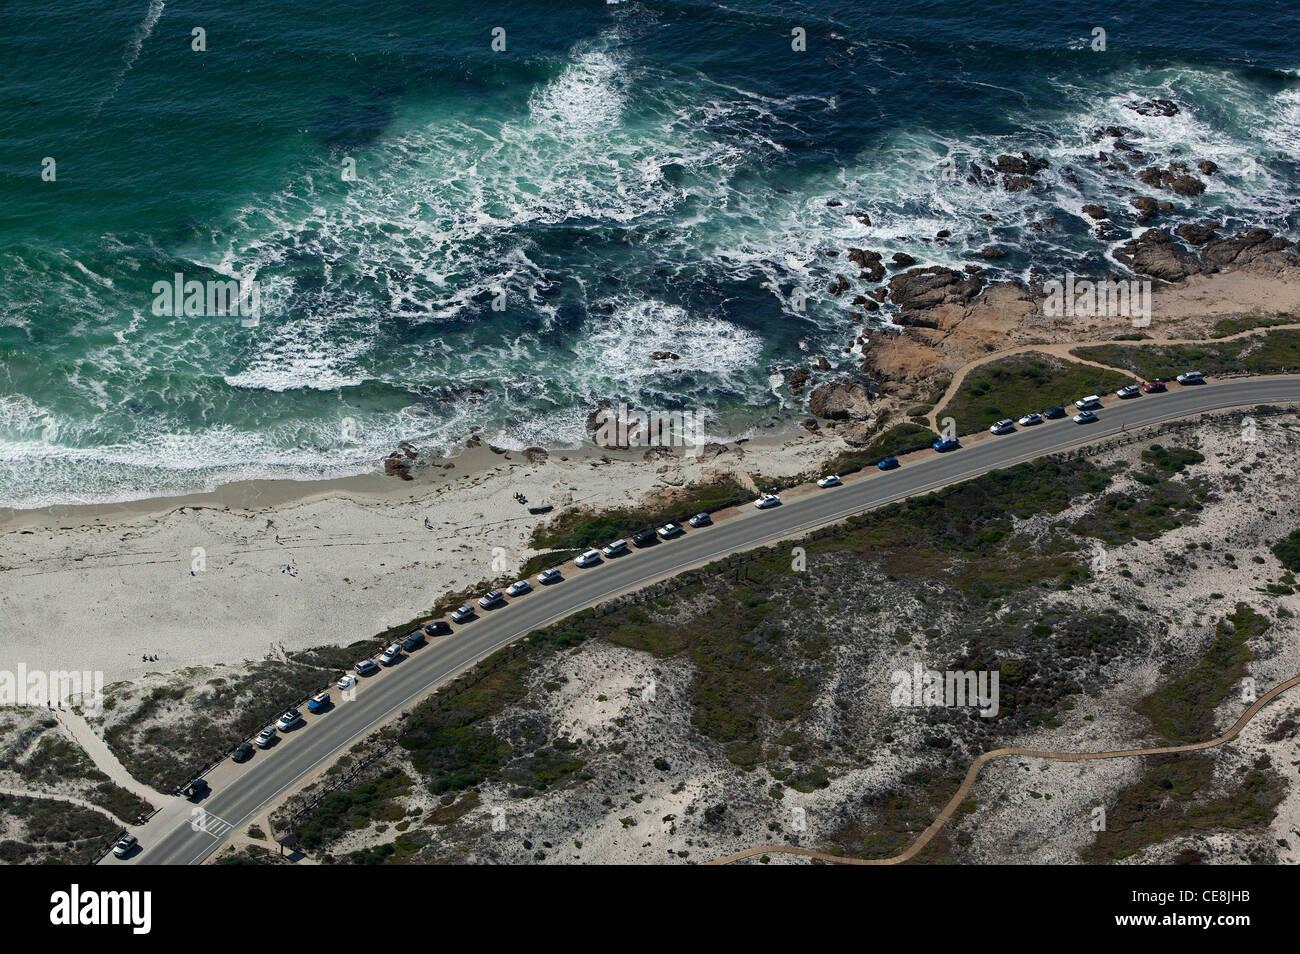 Photographie aérienne de voitures stationnées à plage populaire de Monterey, Californie Photo Stock